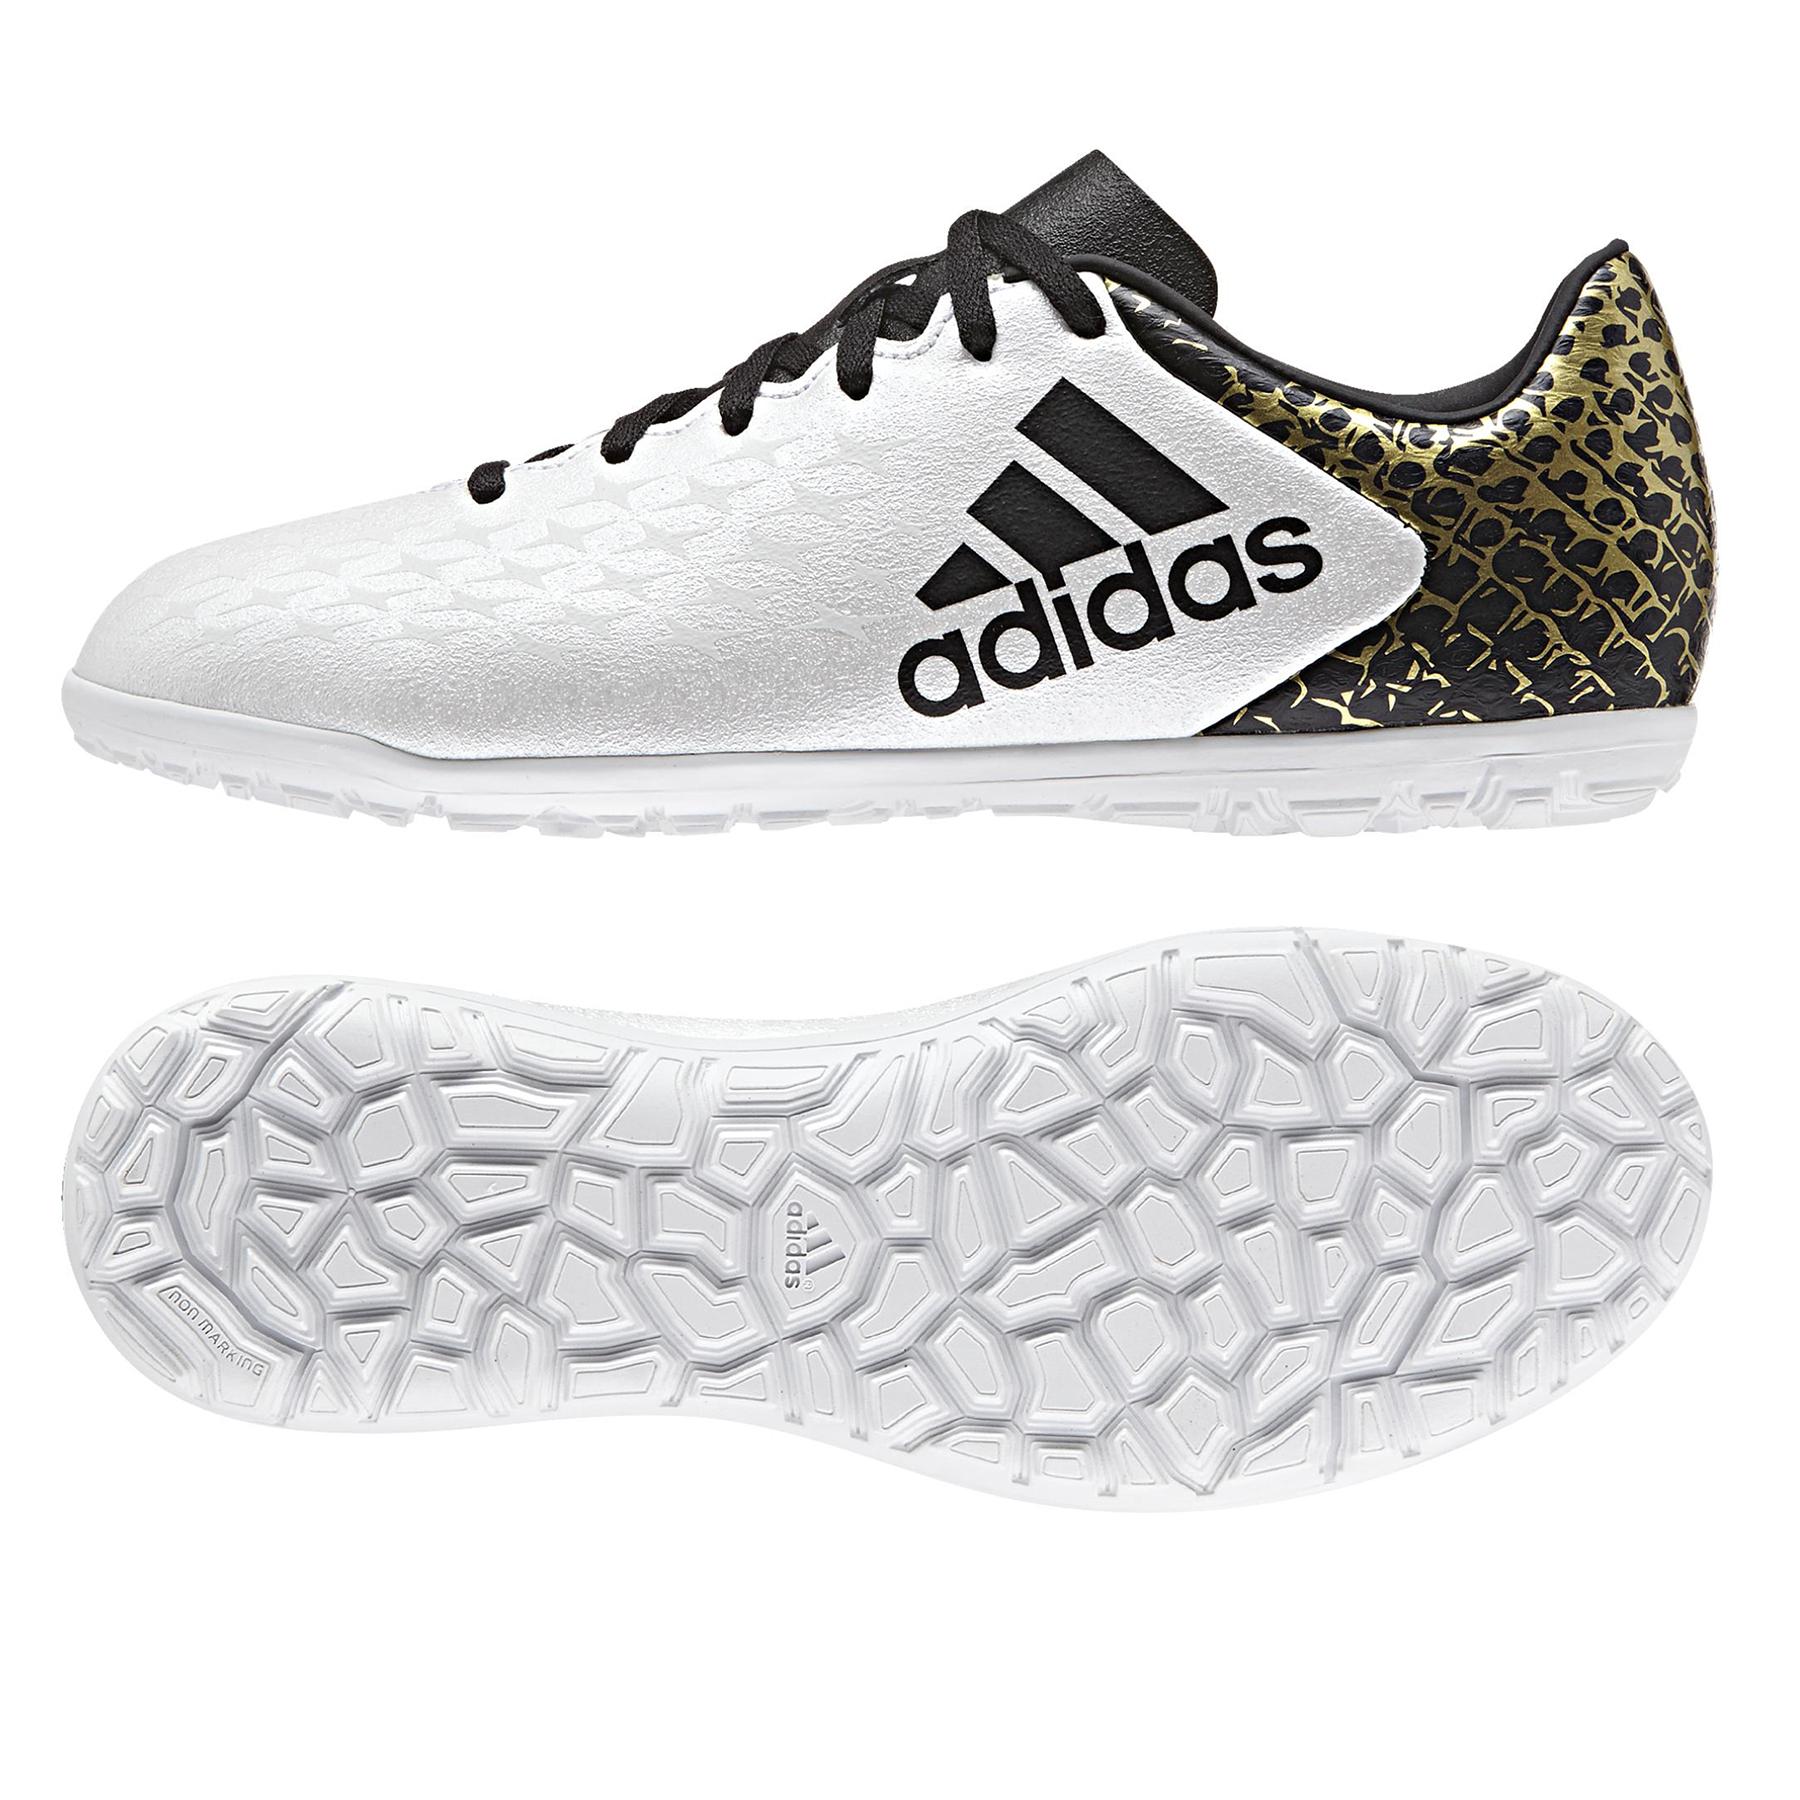 adidas X 16.3 Astroturf Trainers - White/Core Black/Gold Metallic - Ki